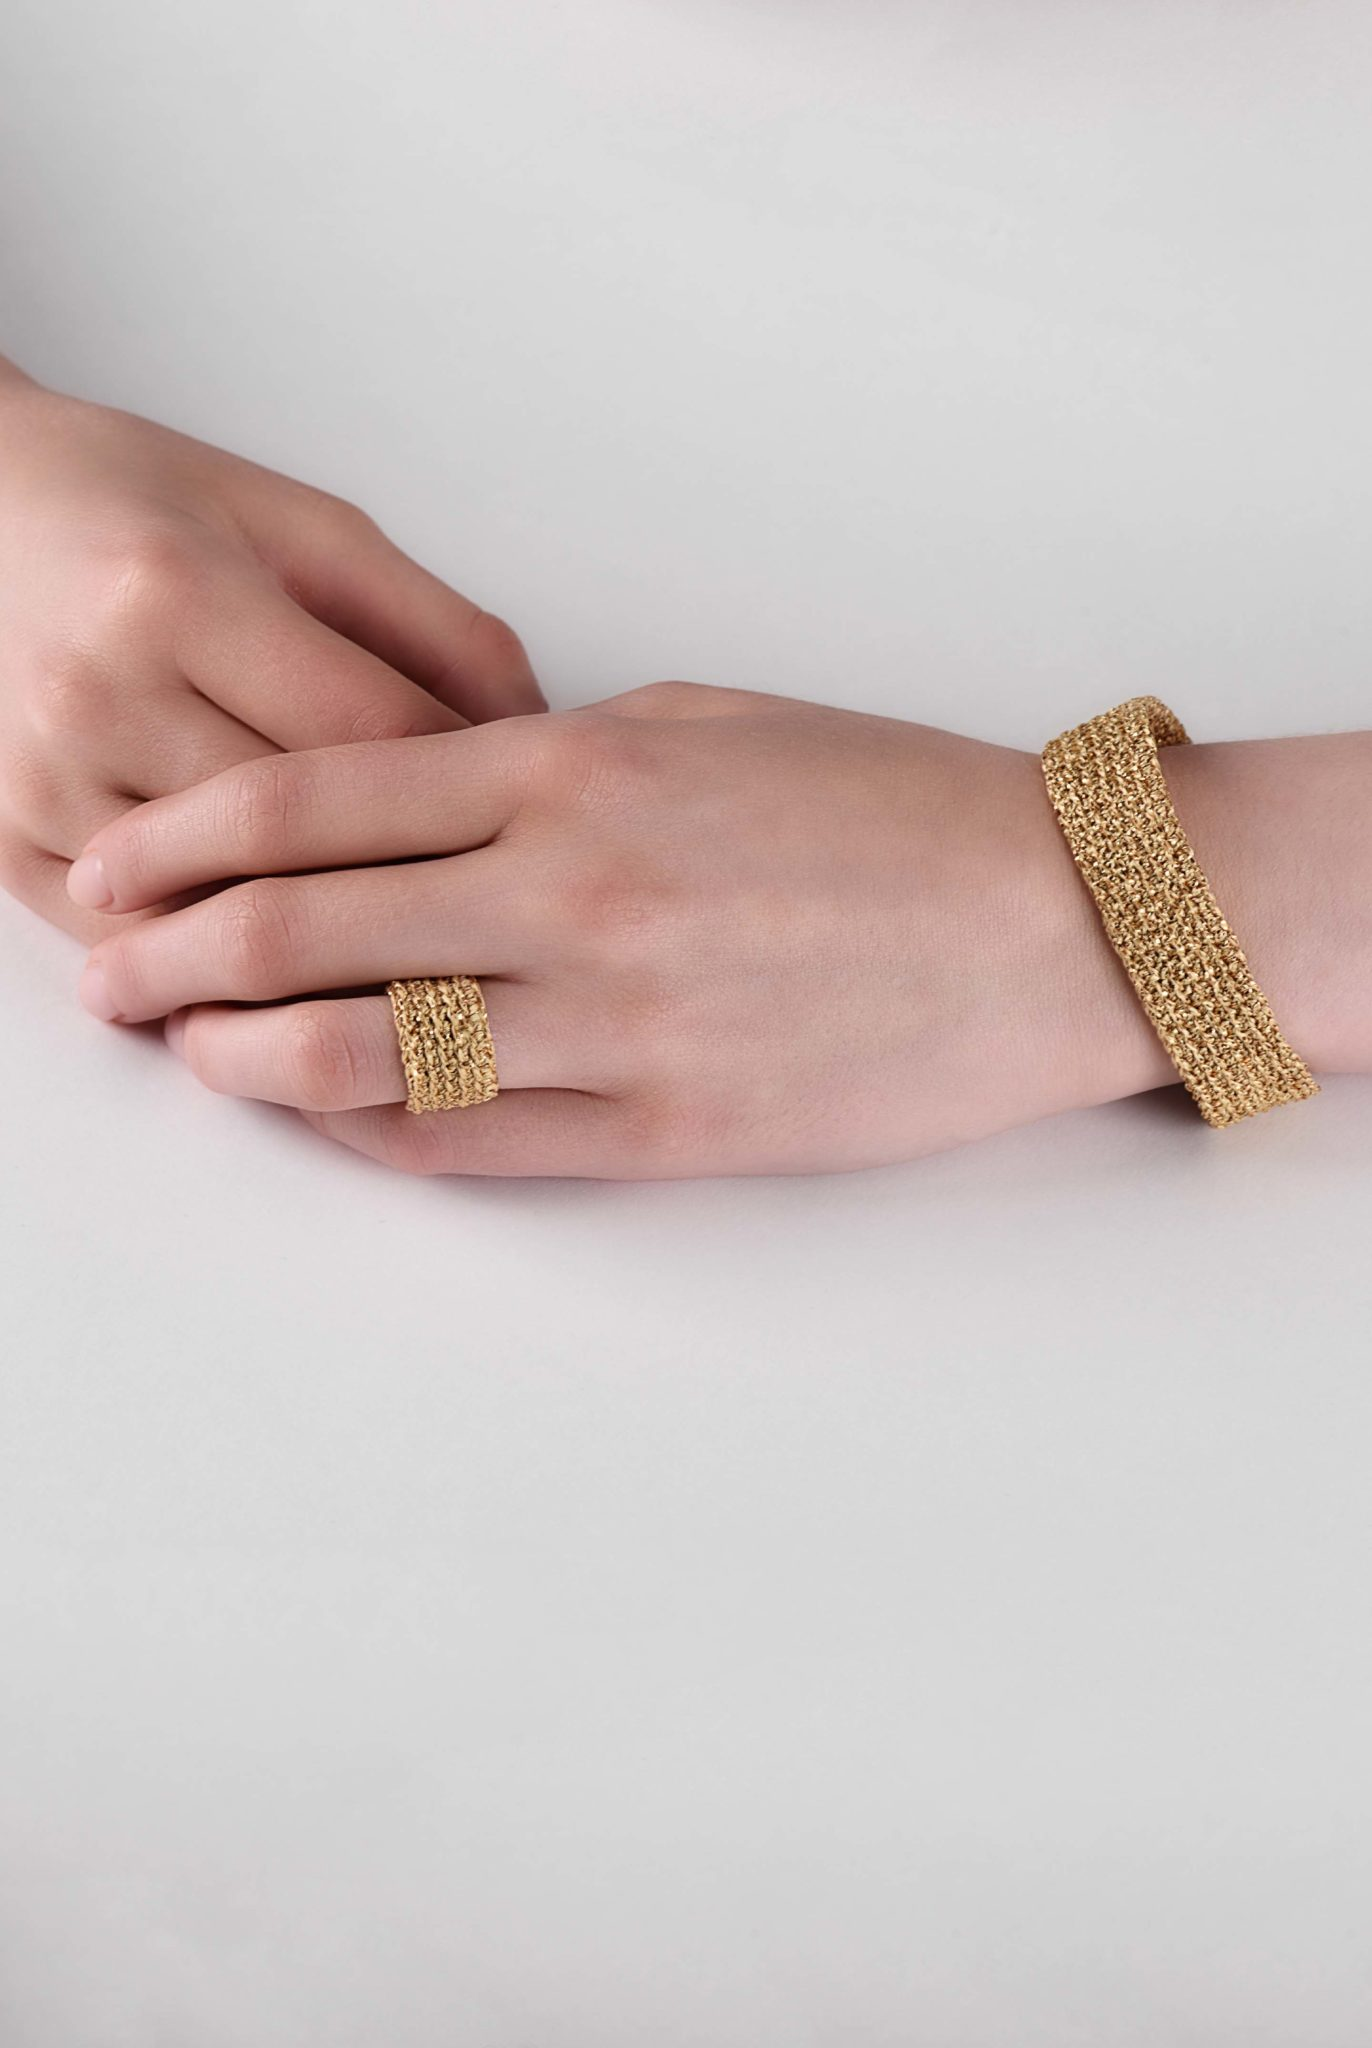 www.avantgarderobe.de-kriebel-schmuck-bracelet-armband-4-gold